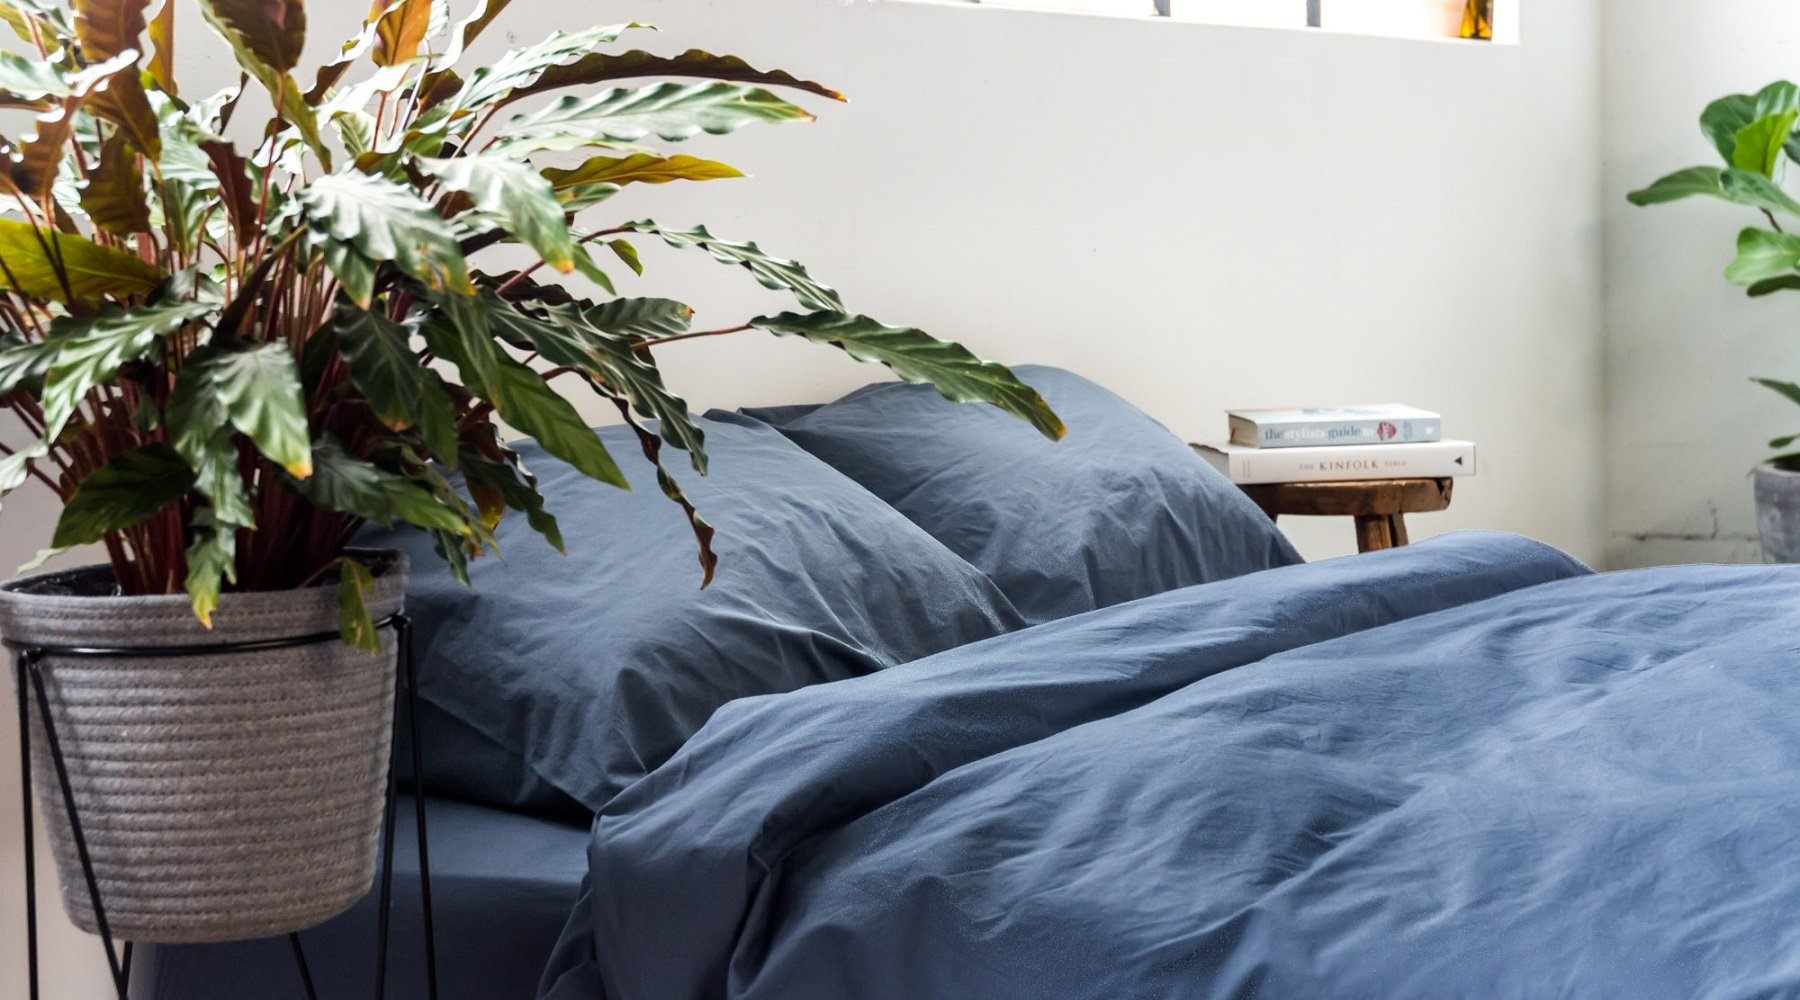 [Растения в доме] Какие цветы подходят для спальни?